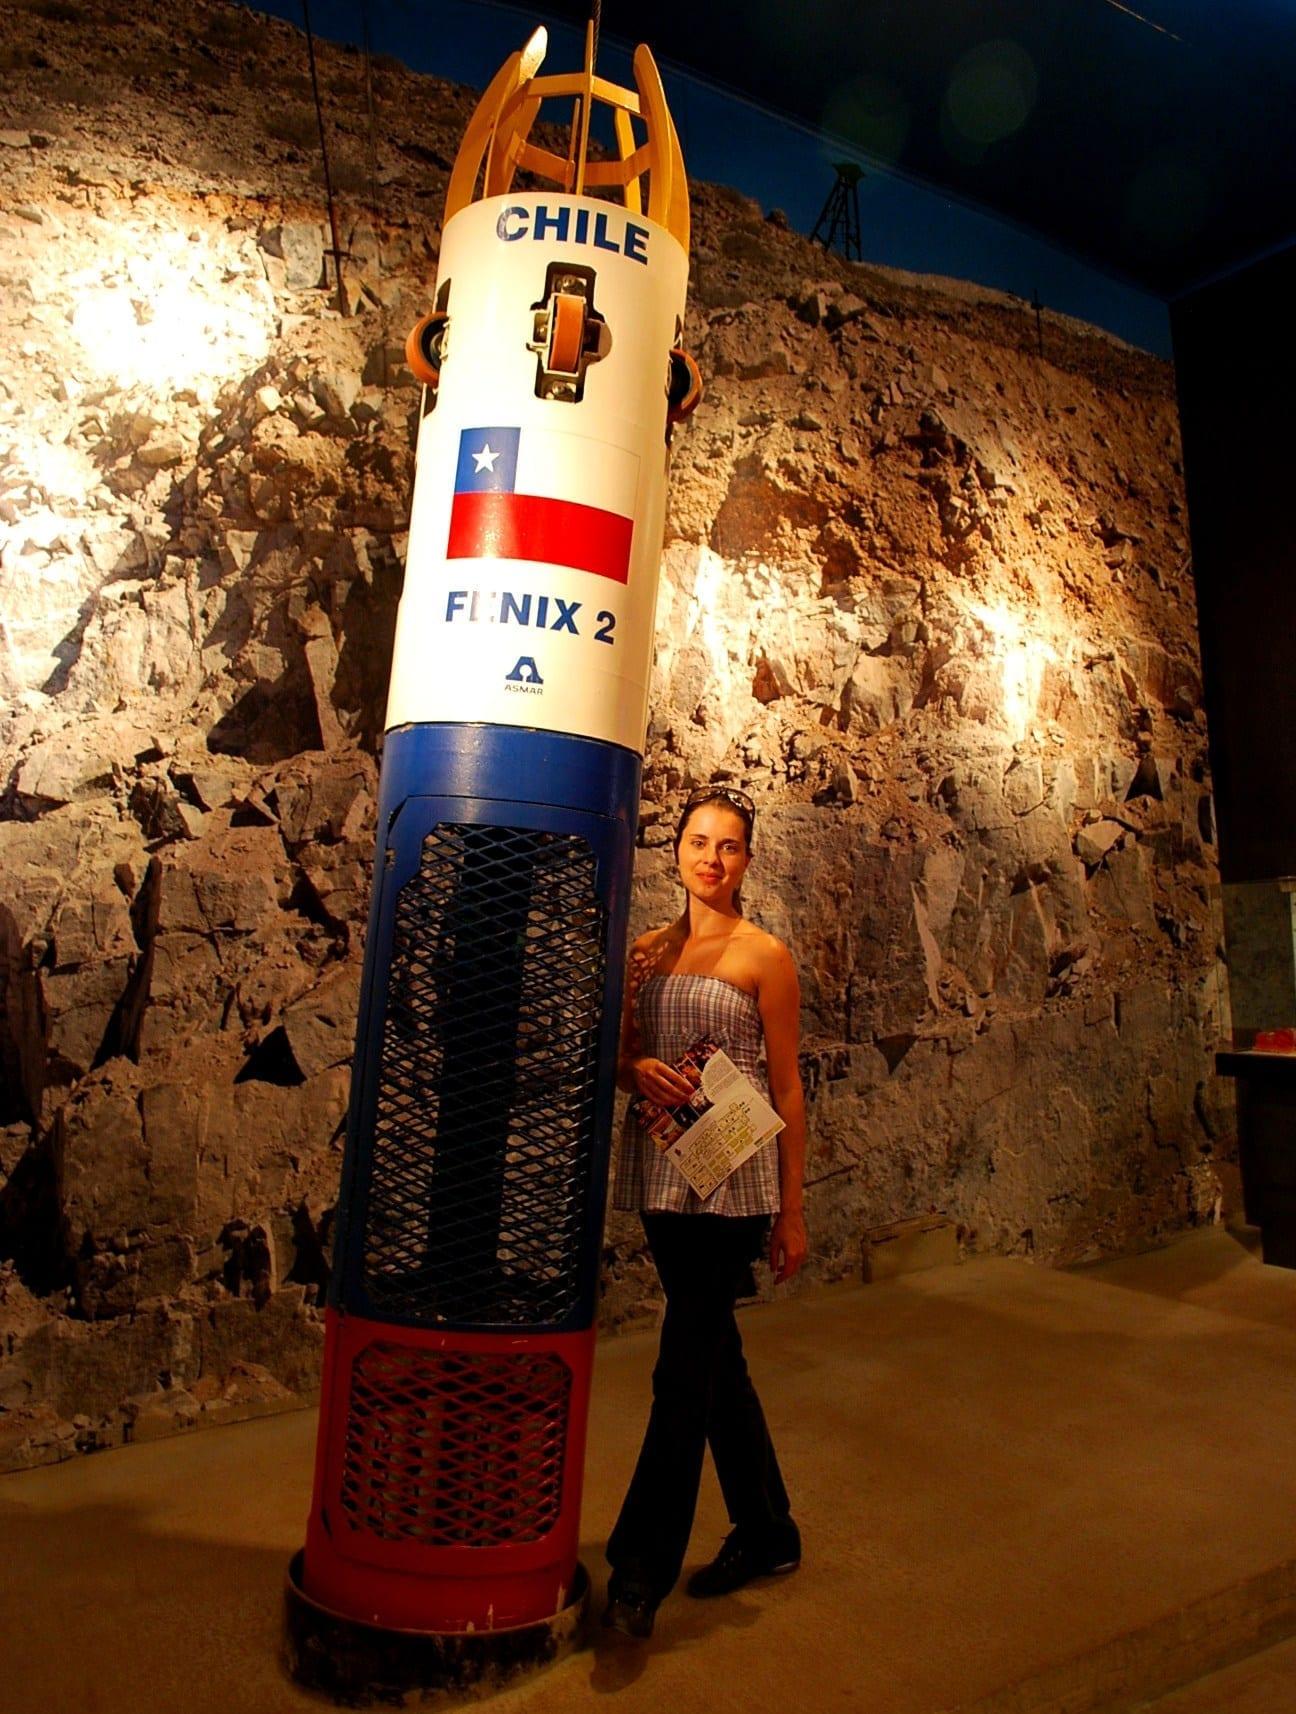 Fenix 2 mineros, Tour em Santa Cruz, Colchagua Chile a rota dos vinhos, LikeChile, Vinho Chile